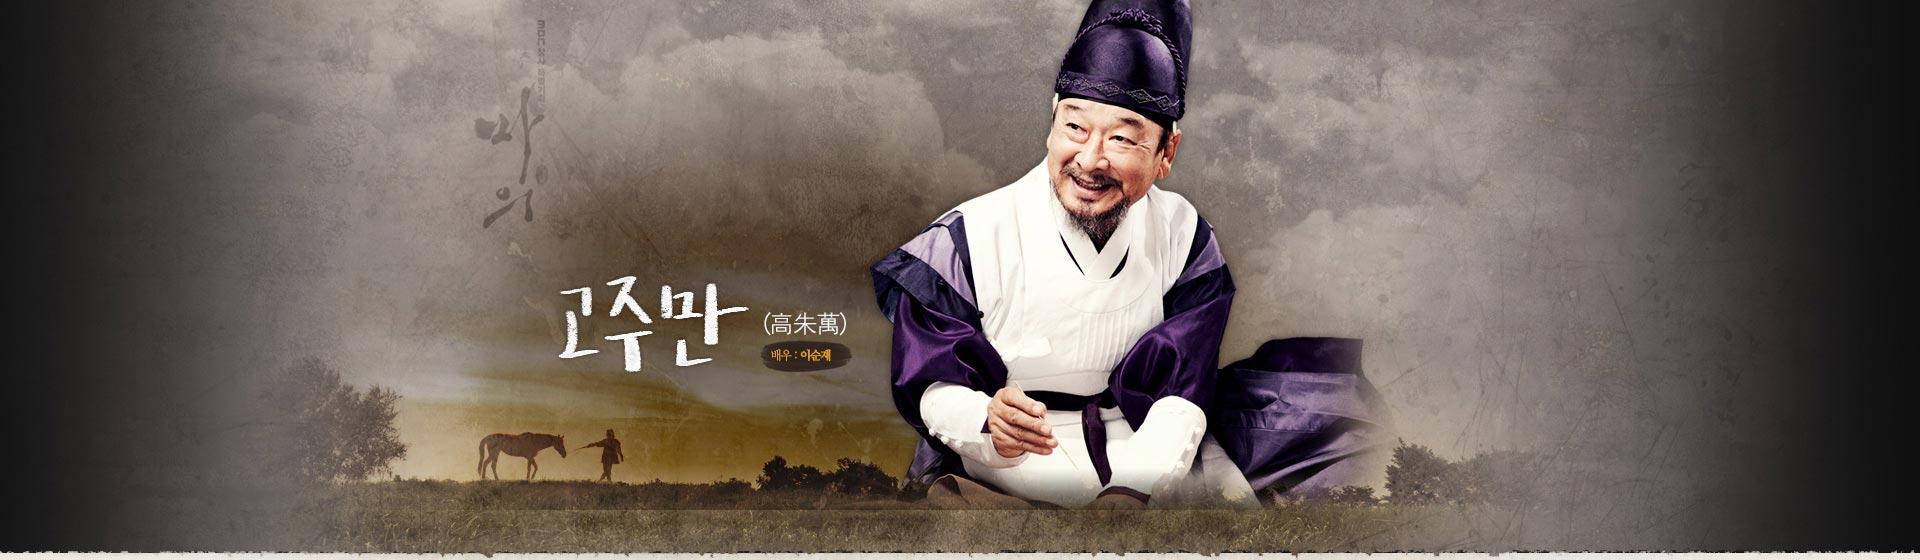 고주만 (배우 : 이순재)